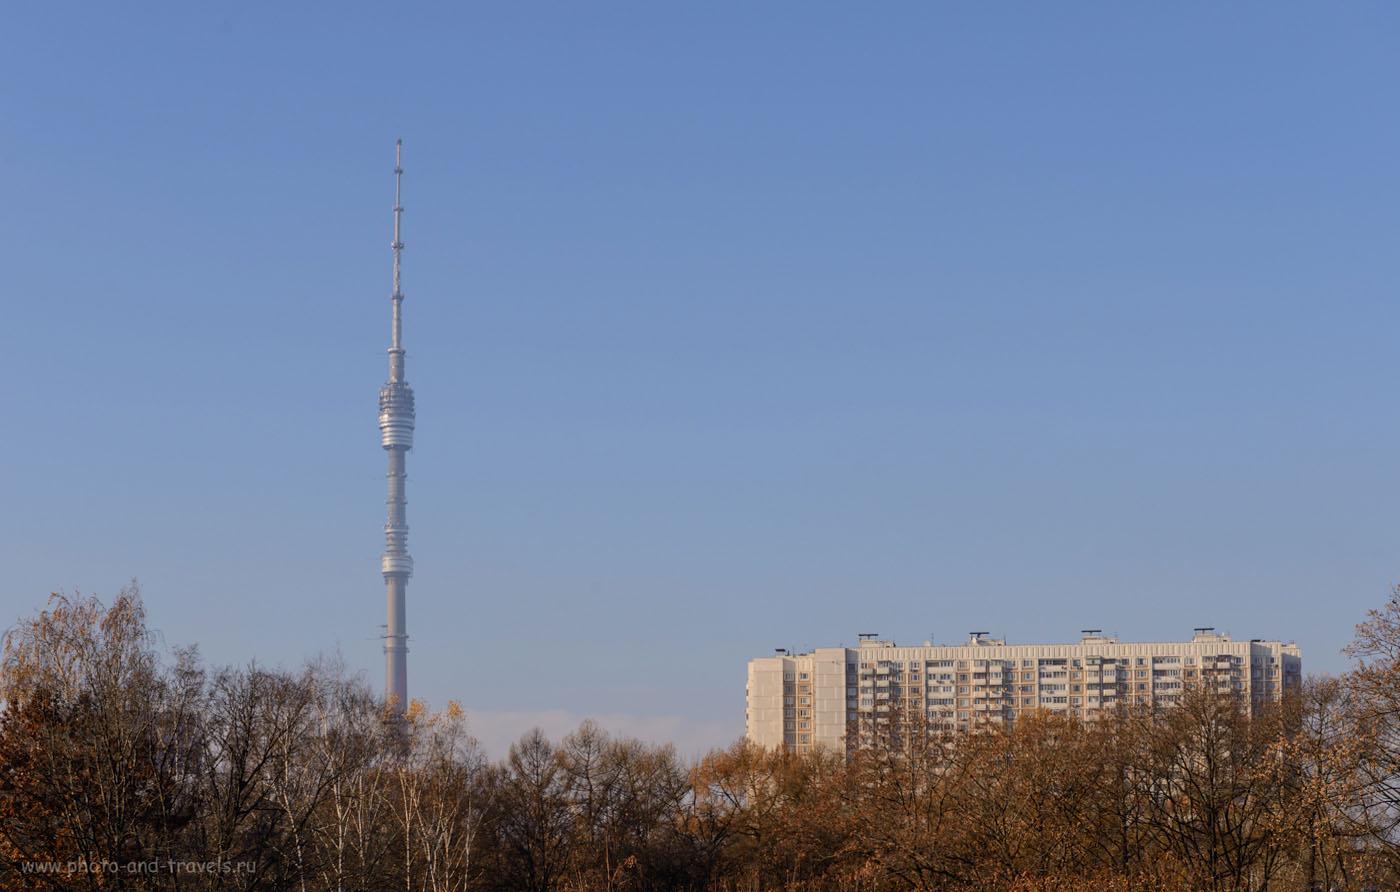 Фотография 3. Останкинская телебашня имеет высоту 540,1 метра и считается 8-м в мире сооружением по высоте. 1/250, 9.0, 100, 70.